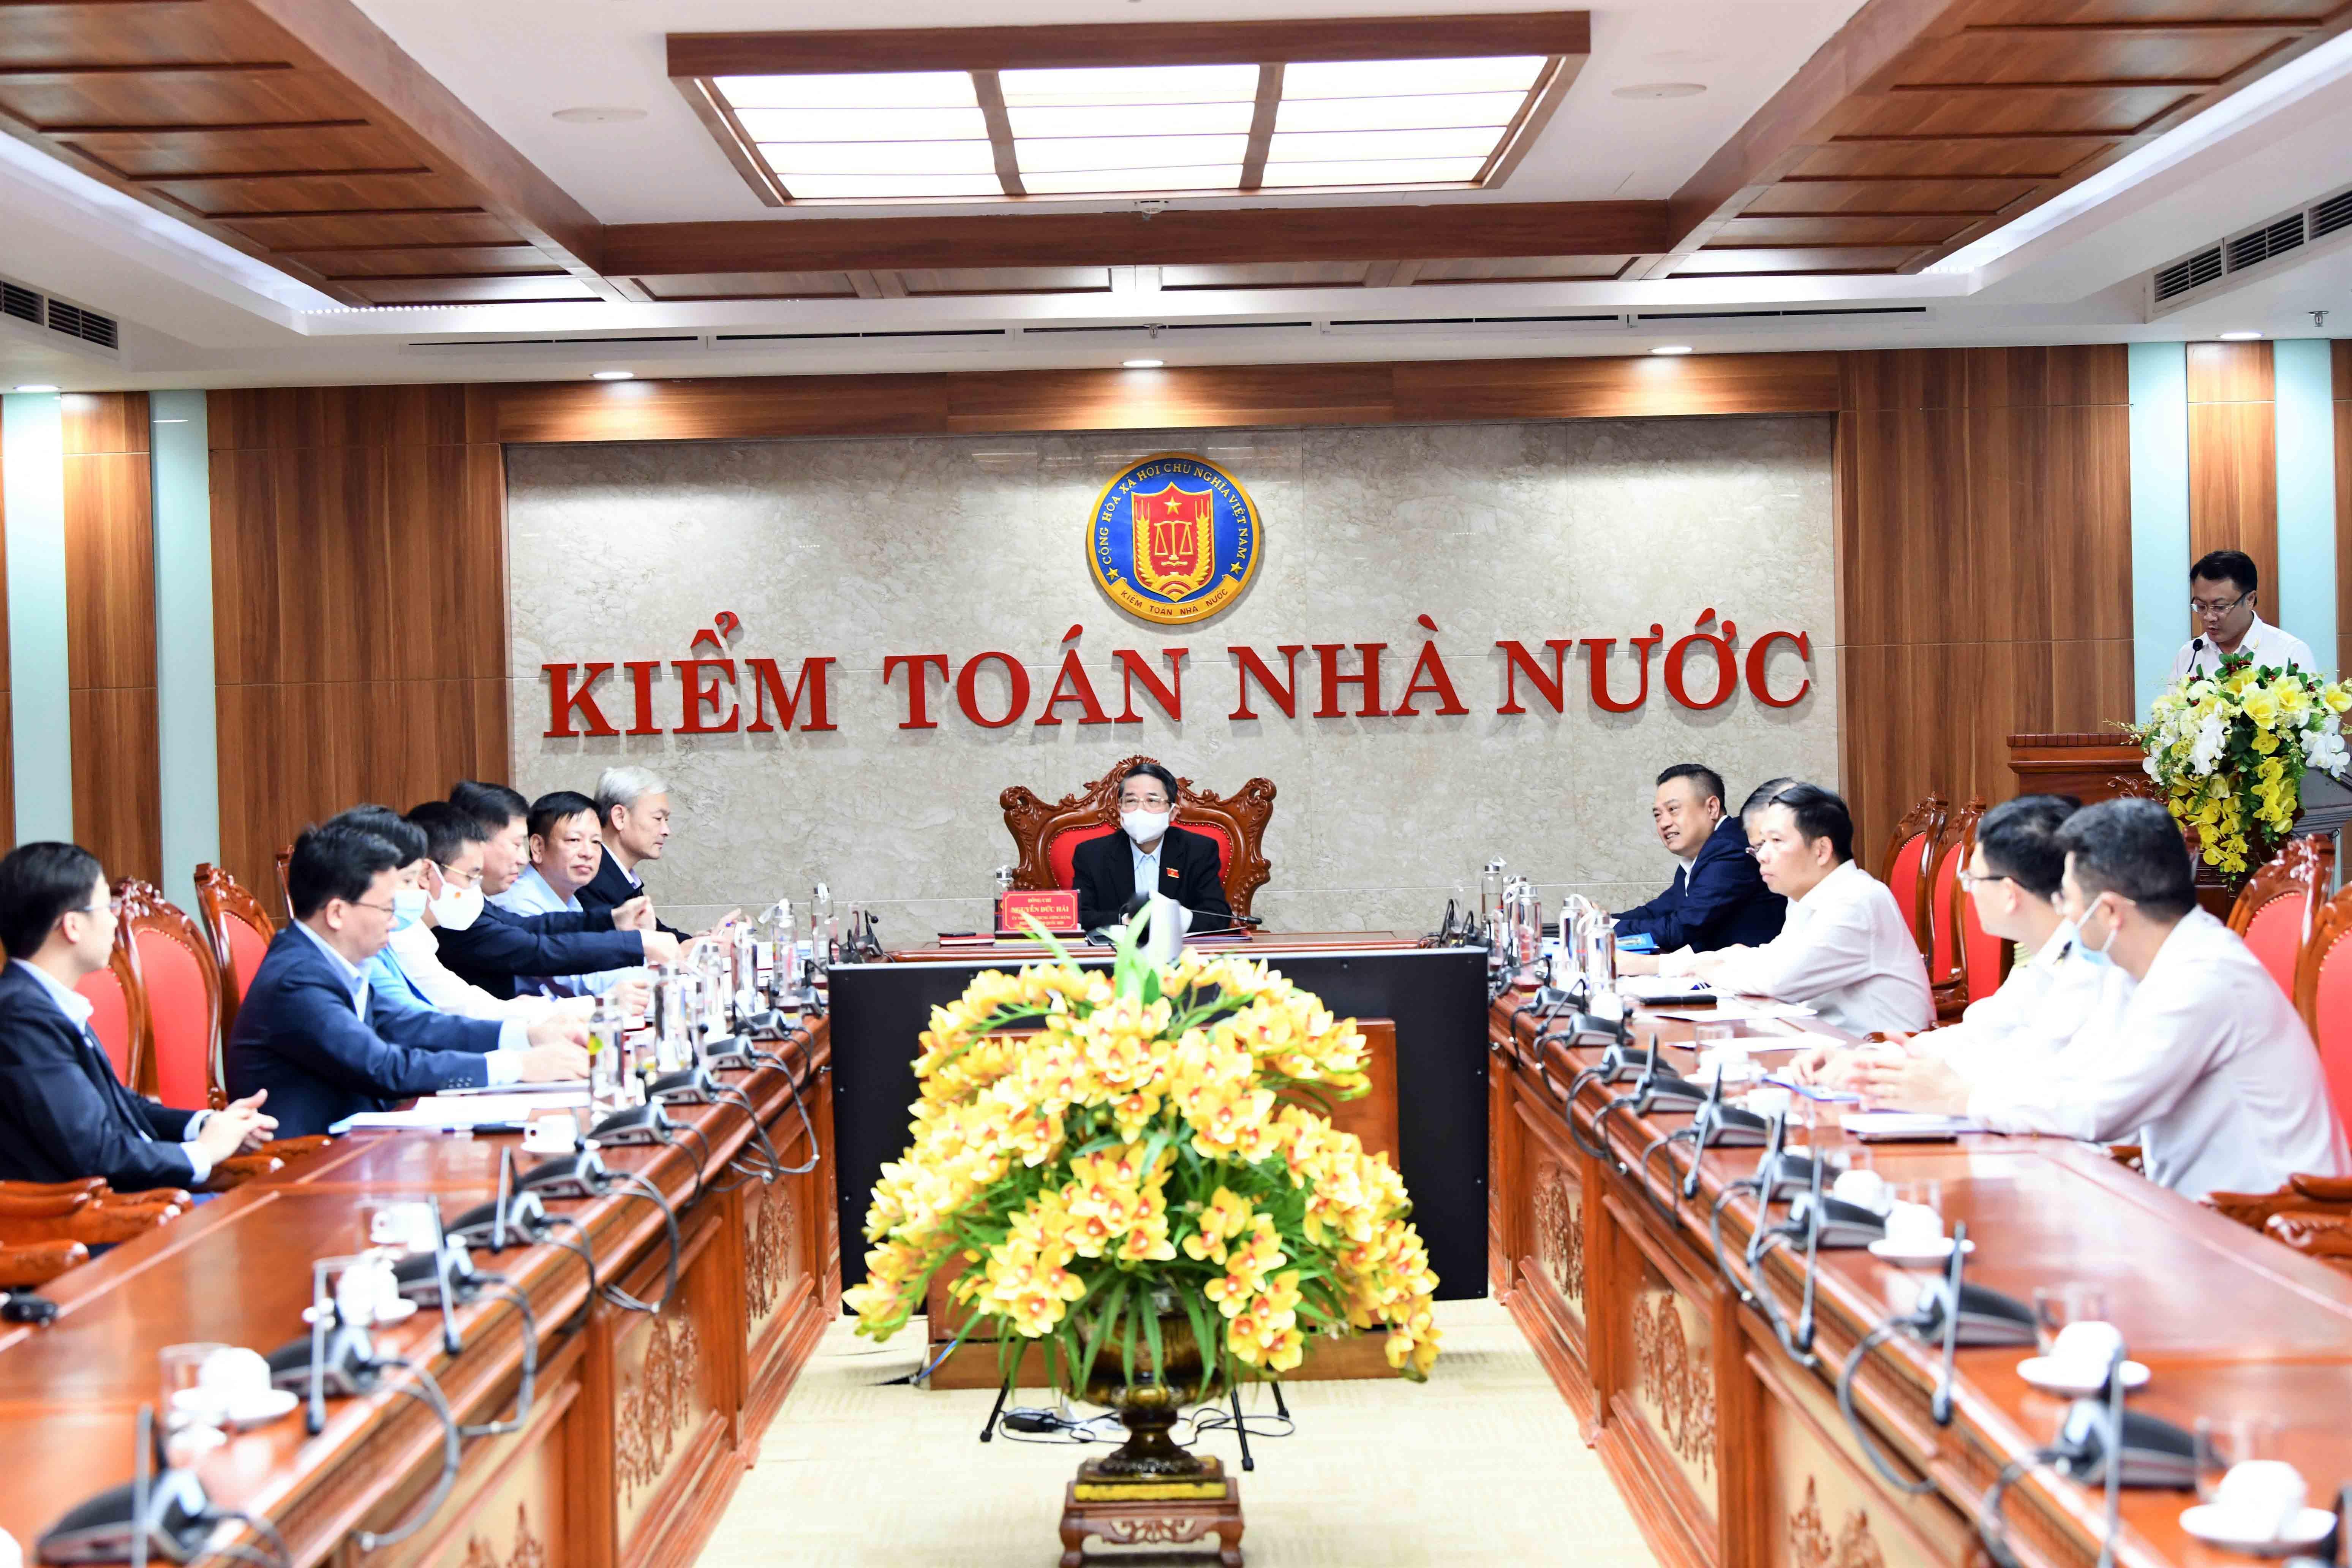 Bám sát định hướng nhiệm vụ của Quốc hội, thể hiện rõ nội dung xây dựng Kiểm toán Nhà nước là cơ quan kiểm toán tối cao trong Chuyên đề